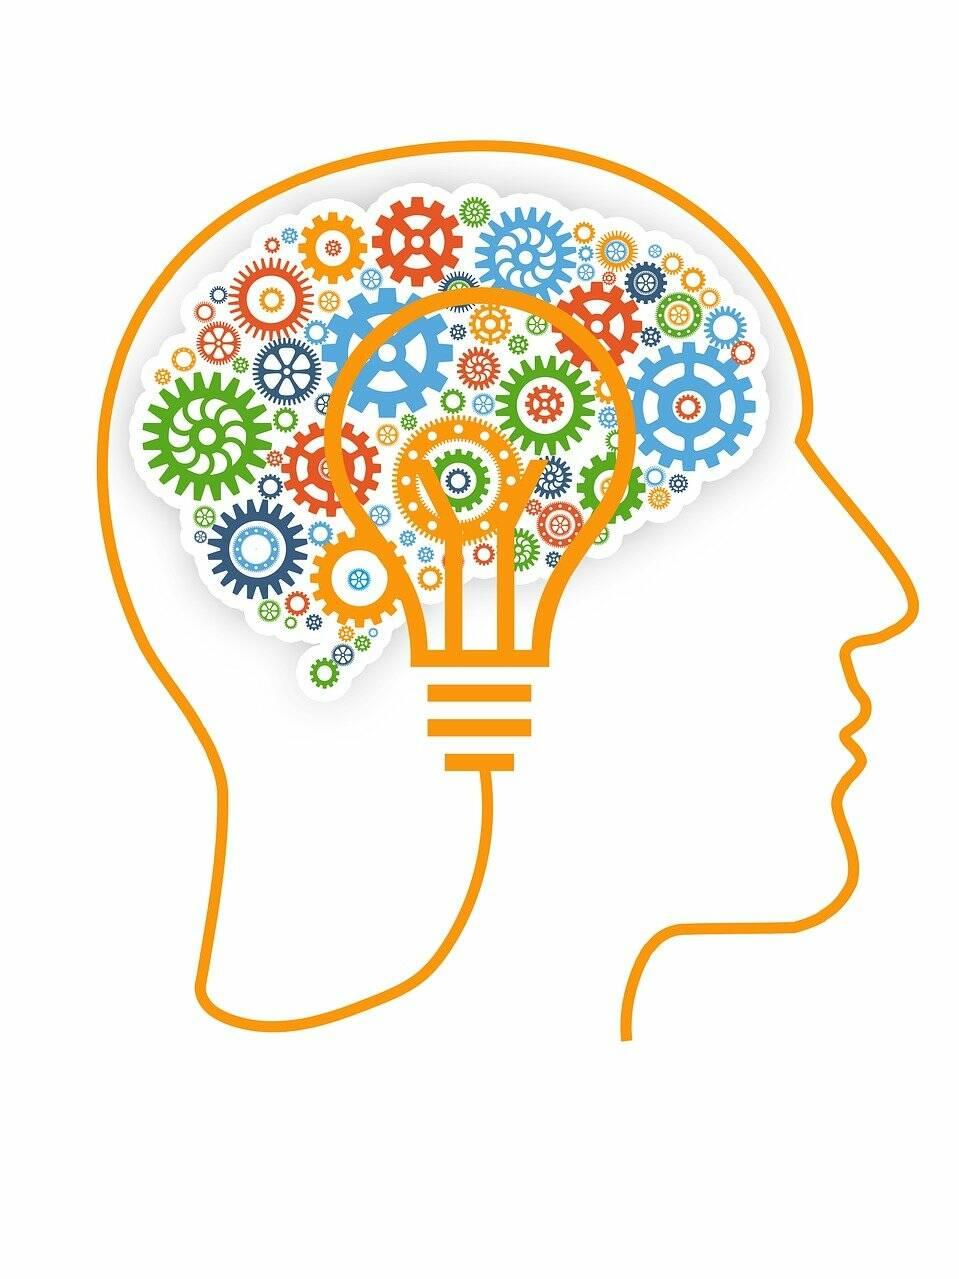 businessintelligence2